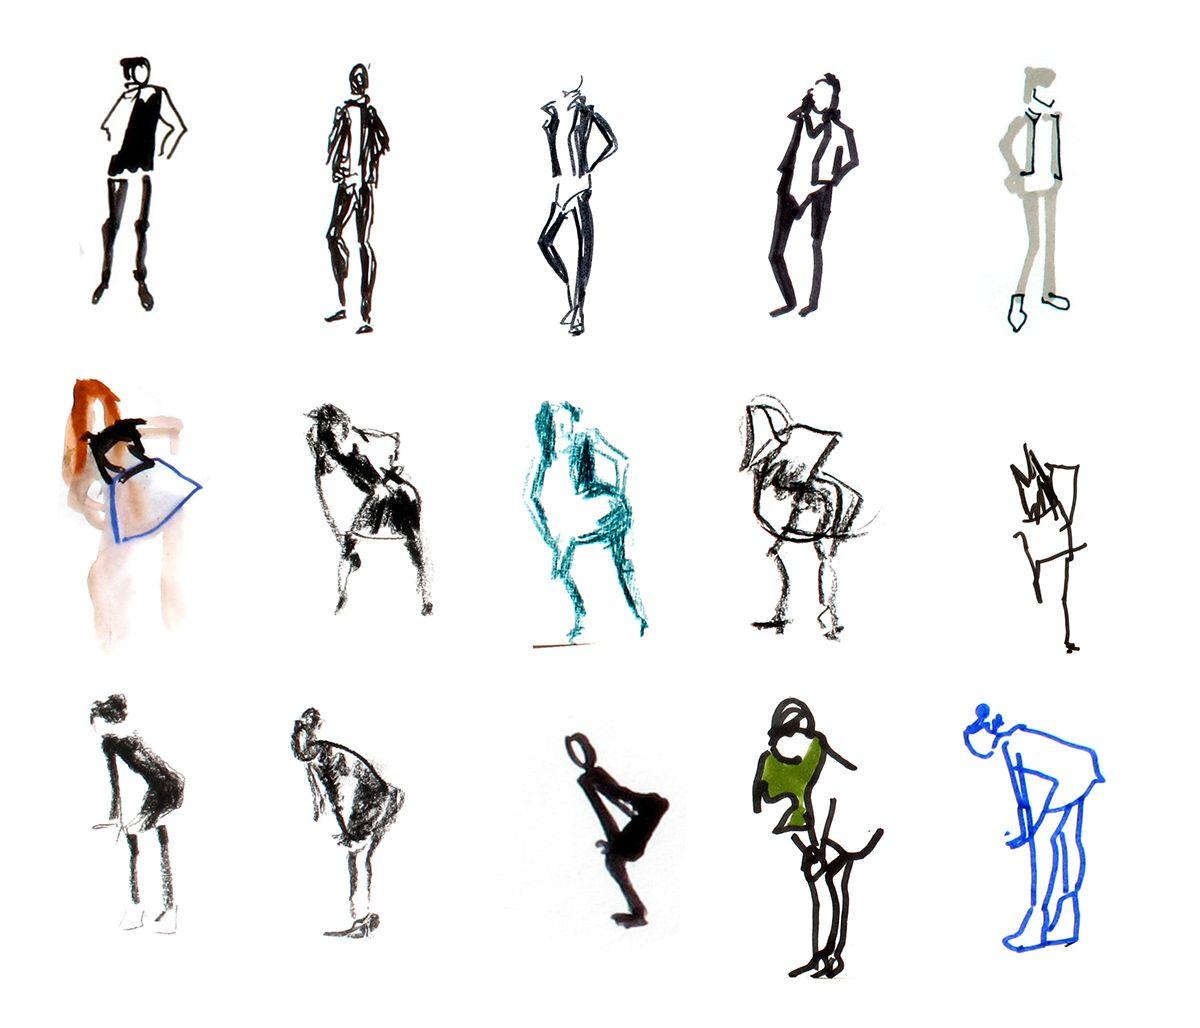 Grouillots simple et efficace logo pictogrammes gouillots en 2019 pinterest - Modele dessin personnage ...